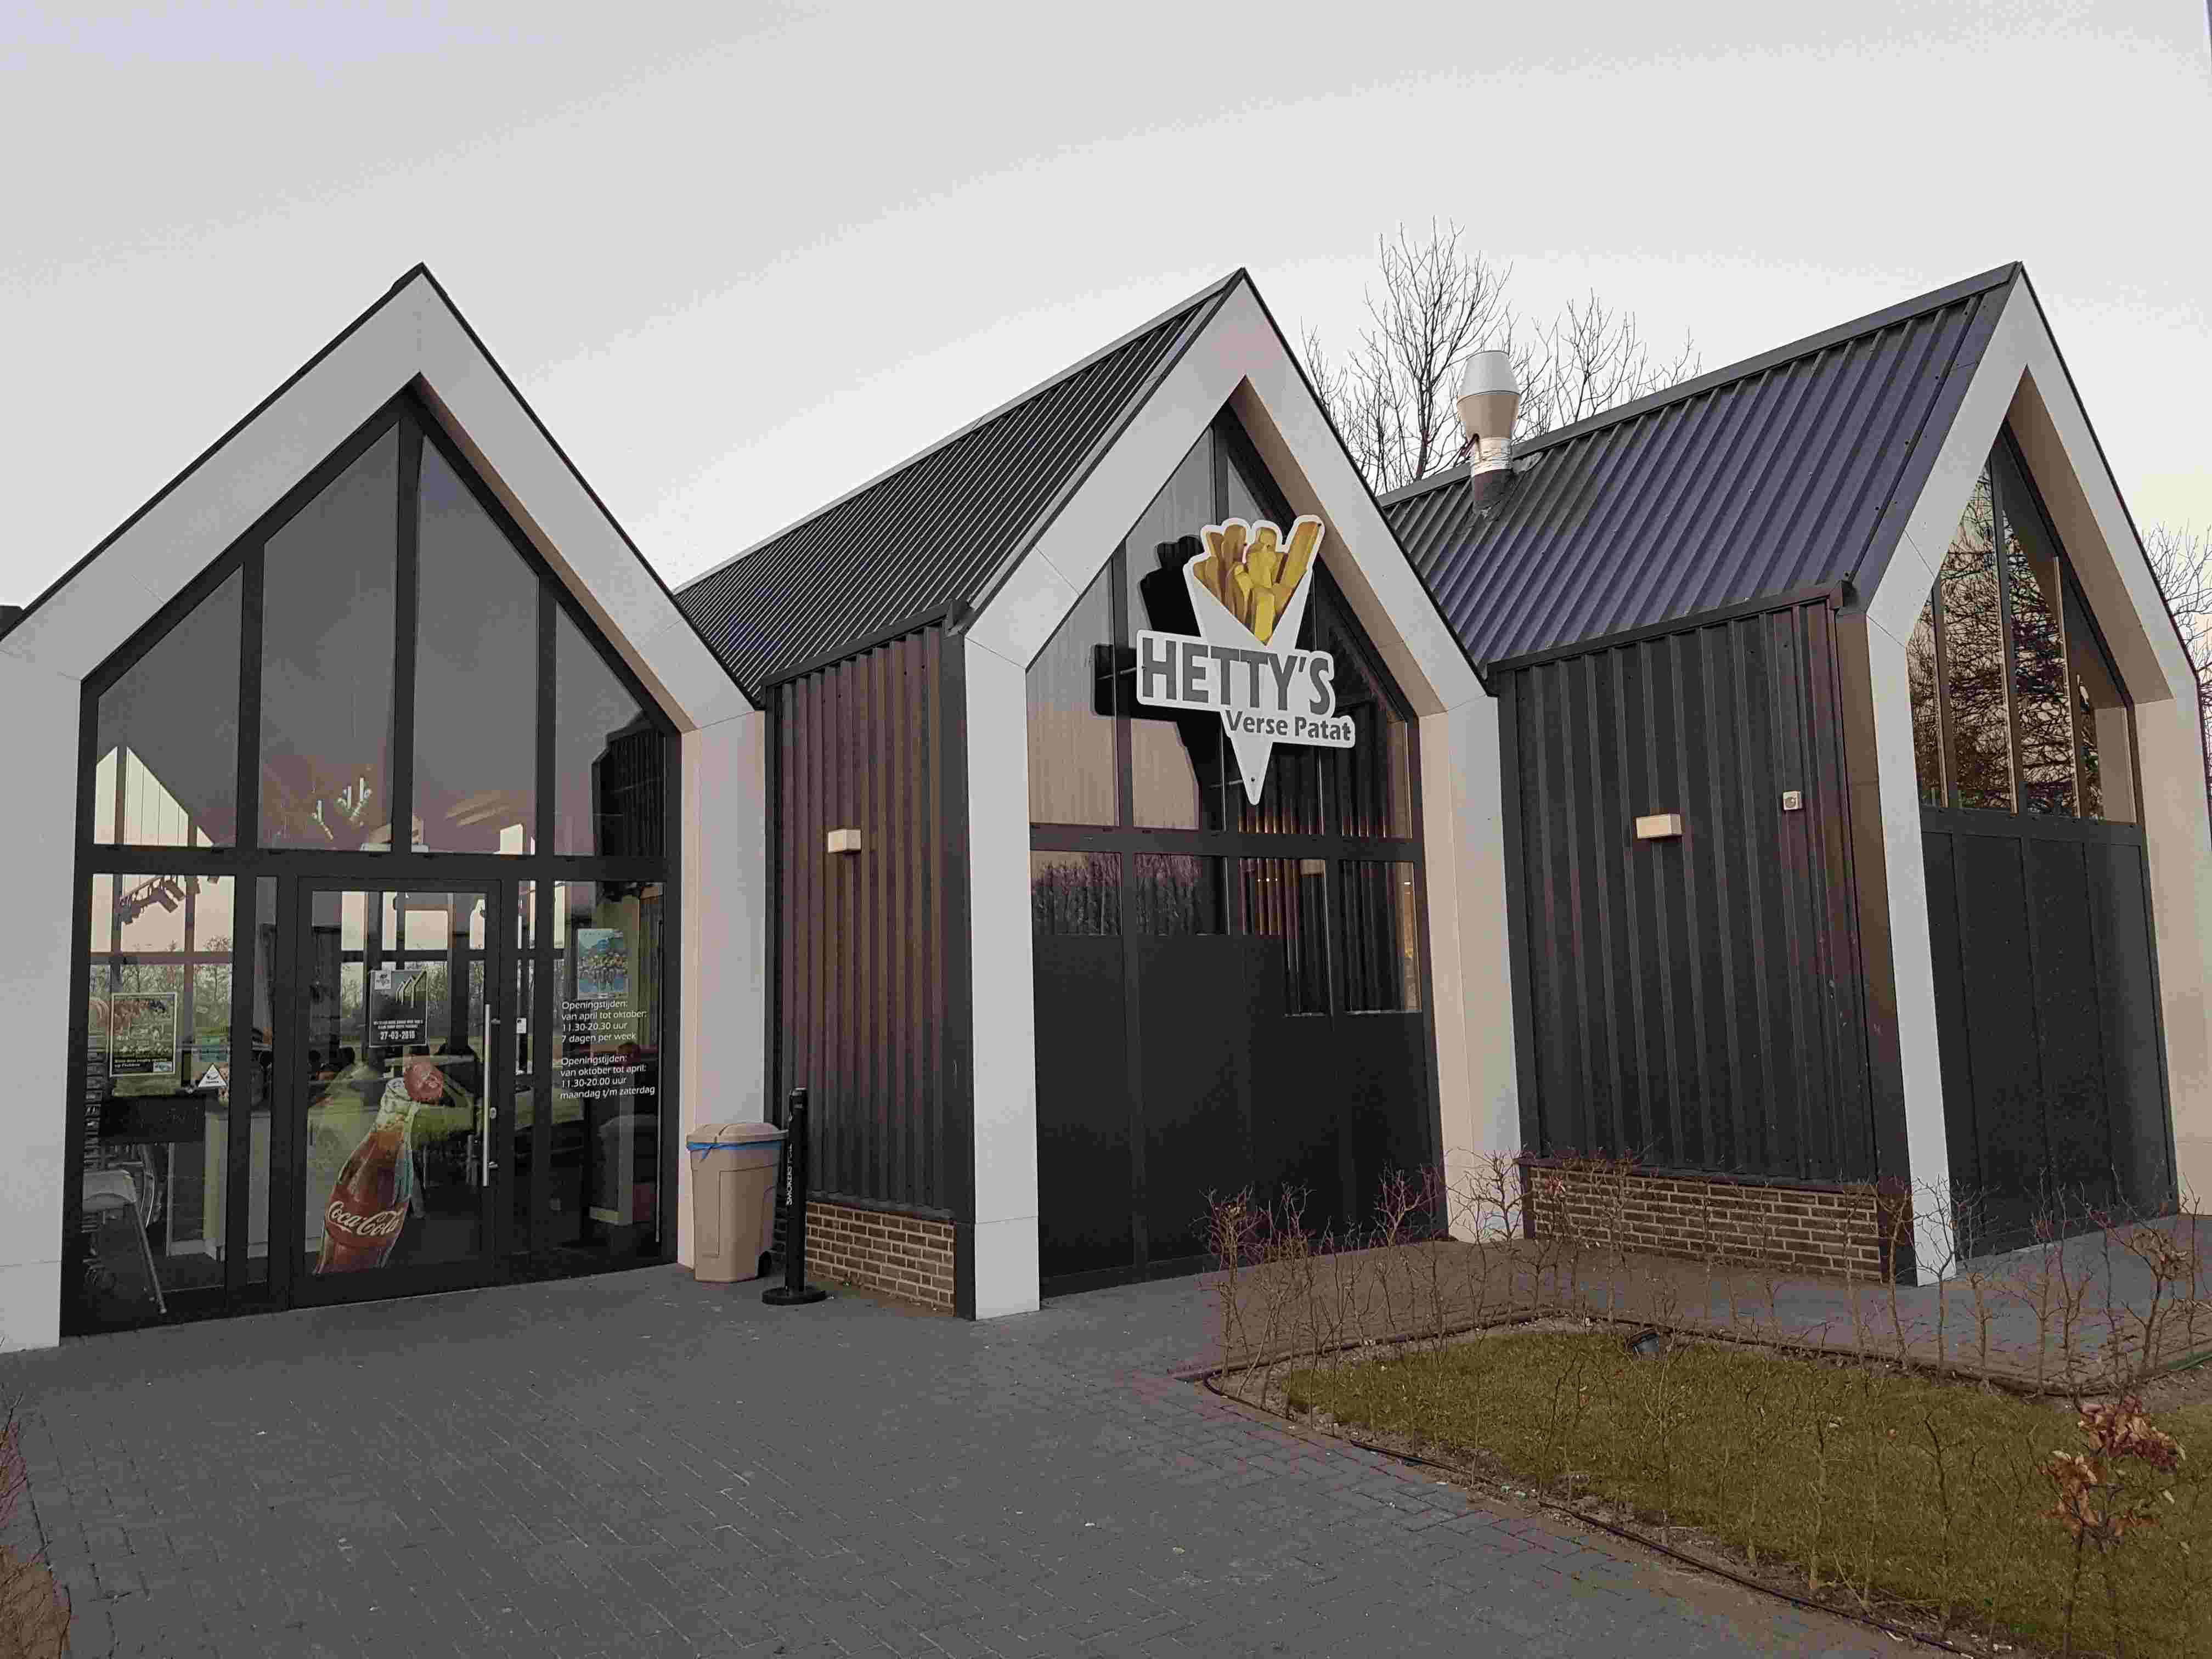 Kwalitaria Huizen Openingstijden : Kwalitaria huizen openingstijden multi vastgoed opent uitbreiding